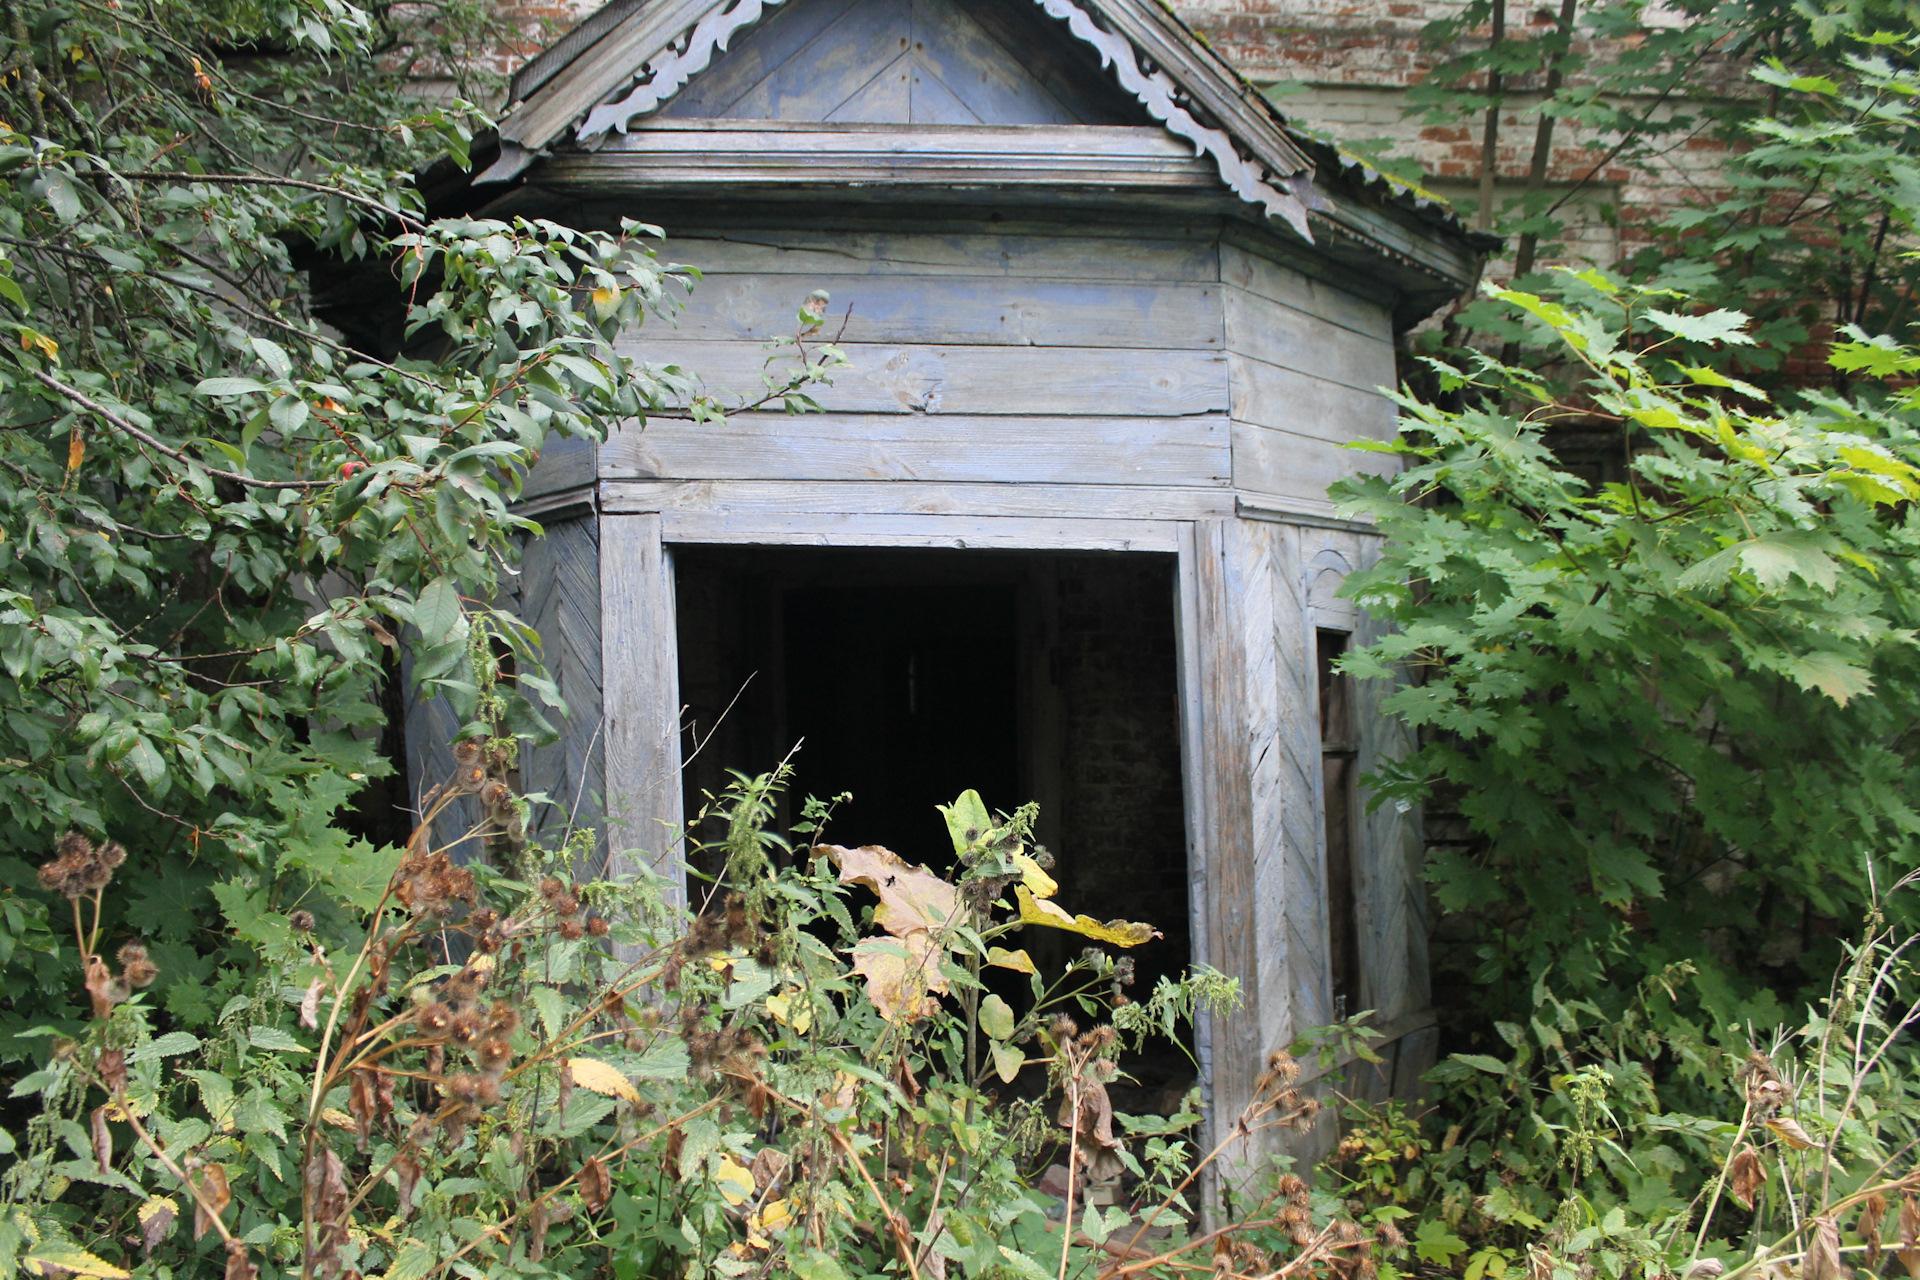 естественных условиях заброшеные деревни рязанской области фото тем